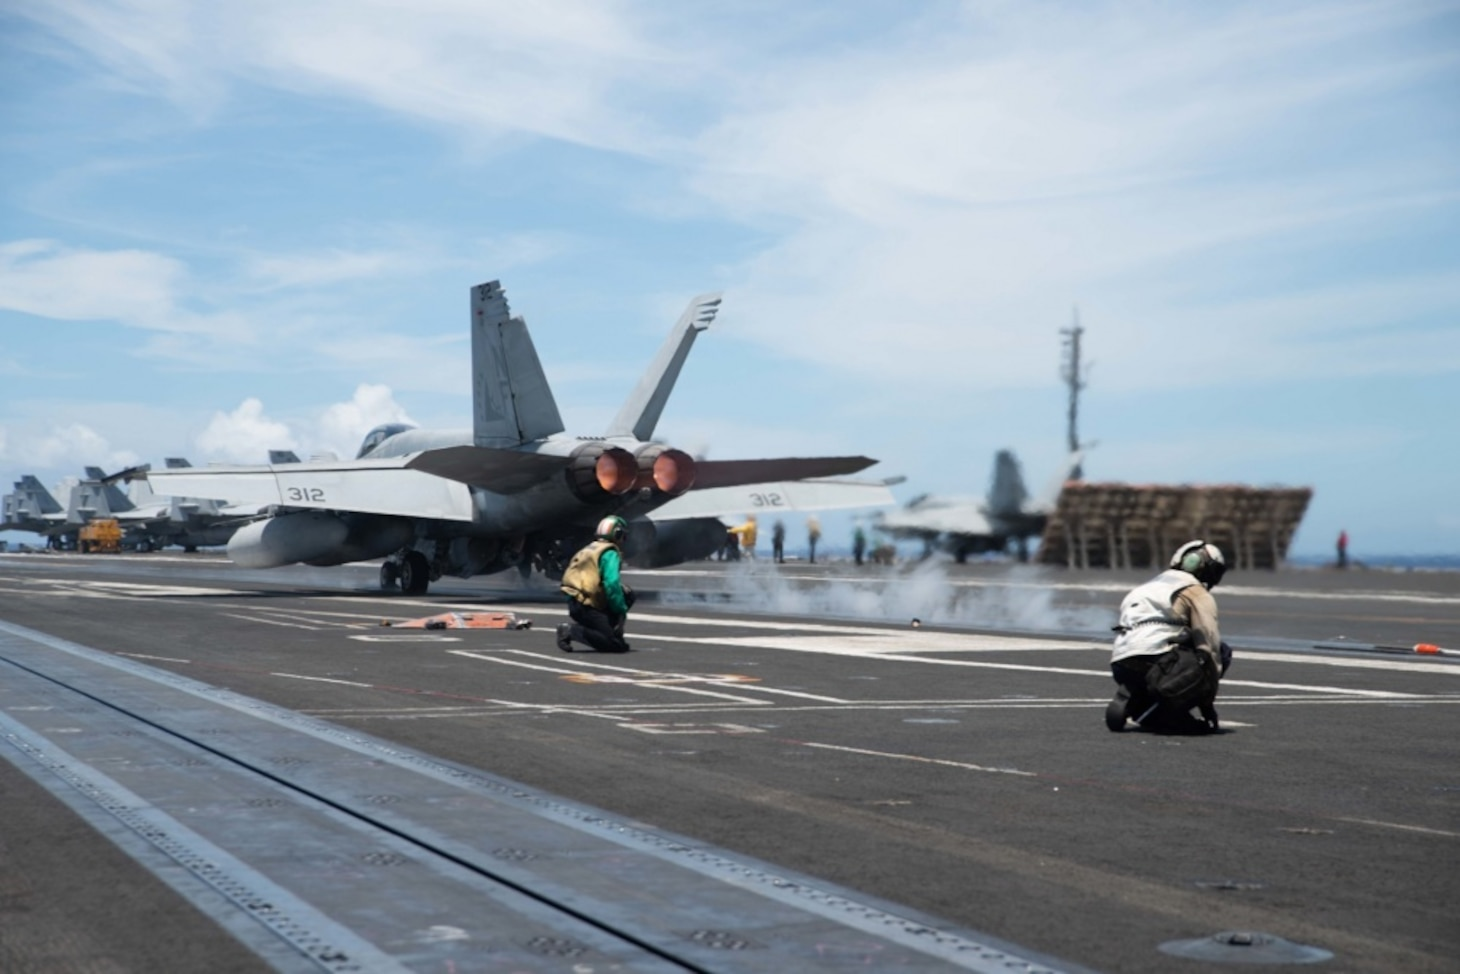 Official U.S. Navy photo of an F/A-18F Super Hornet from the aircraft carrier USS Ronald Reagan (CVN 76)